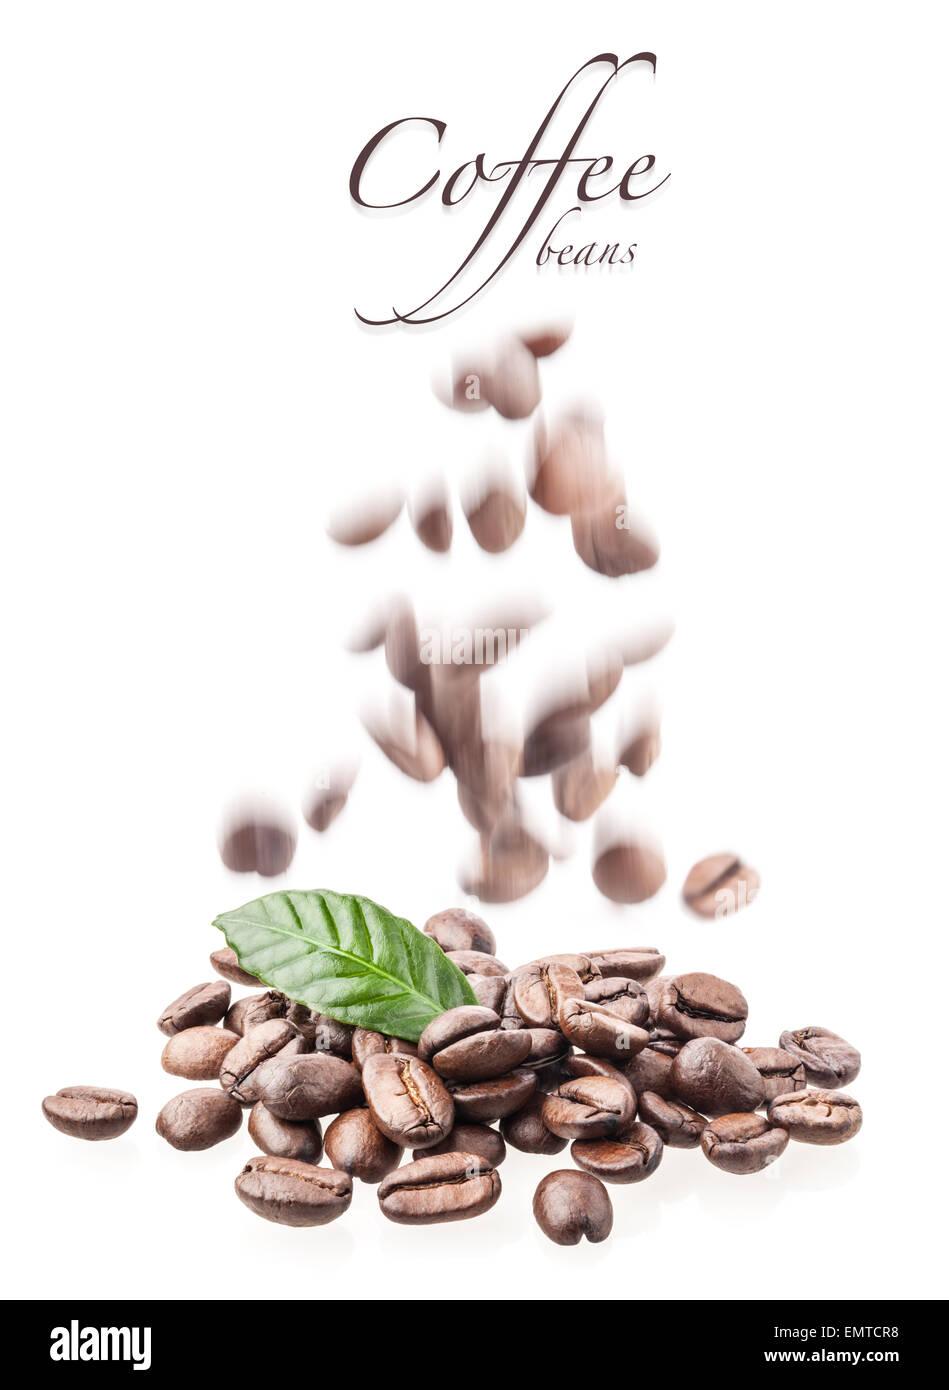 Flying Kaffeebohnen auf weißem Hintergrund Stockbild